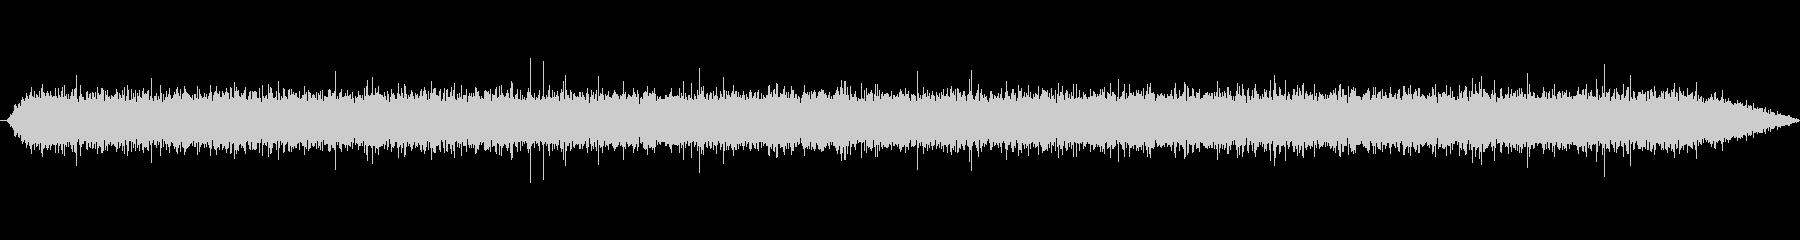 小さな滝 01 ステレオ【環境音】の未再生の波形